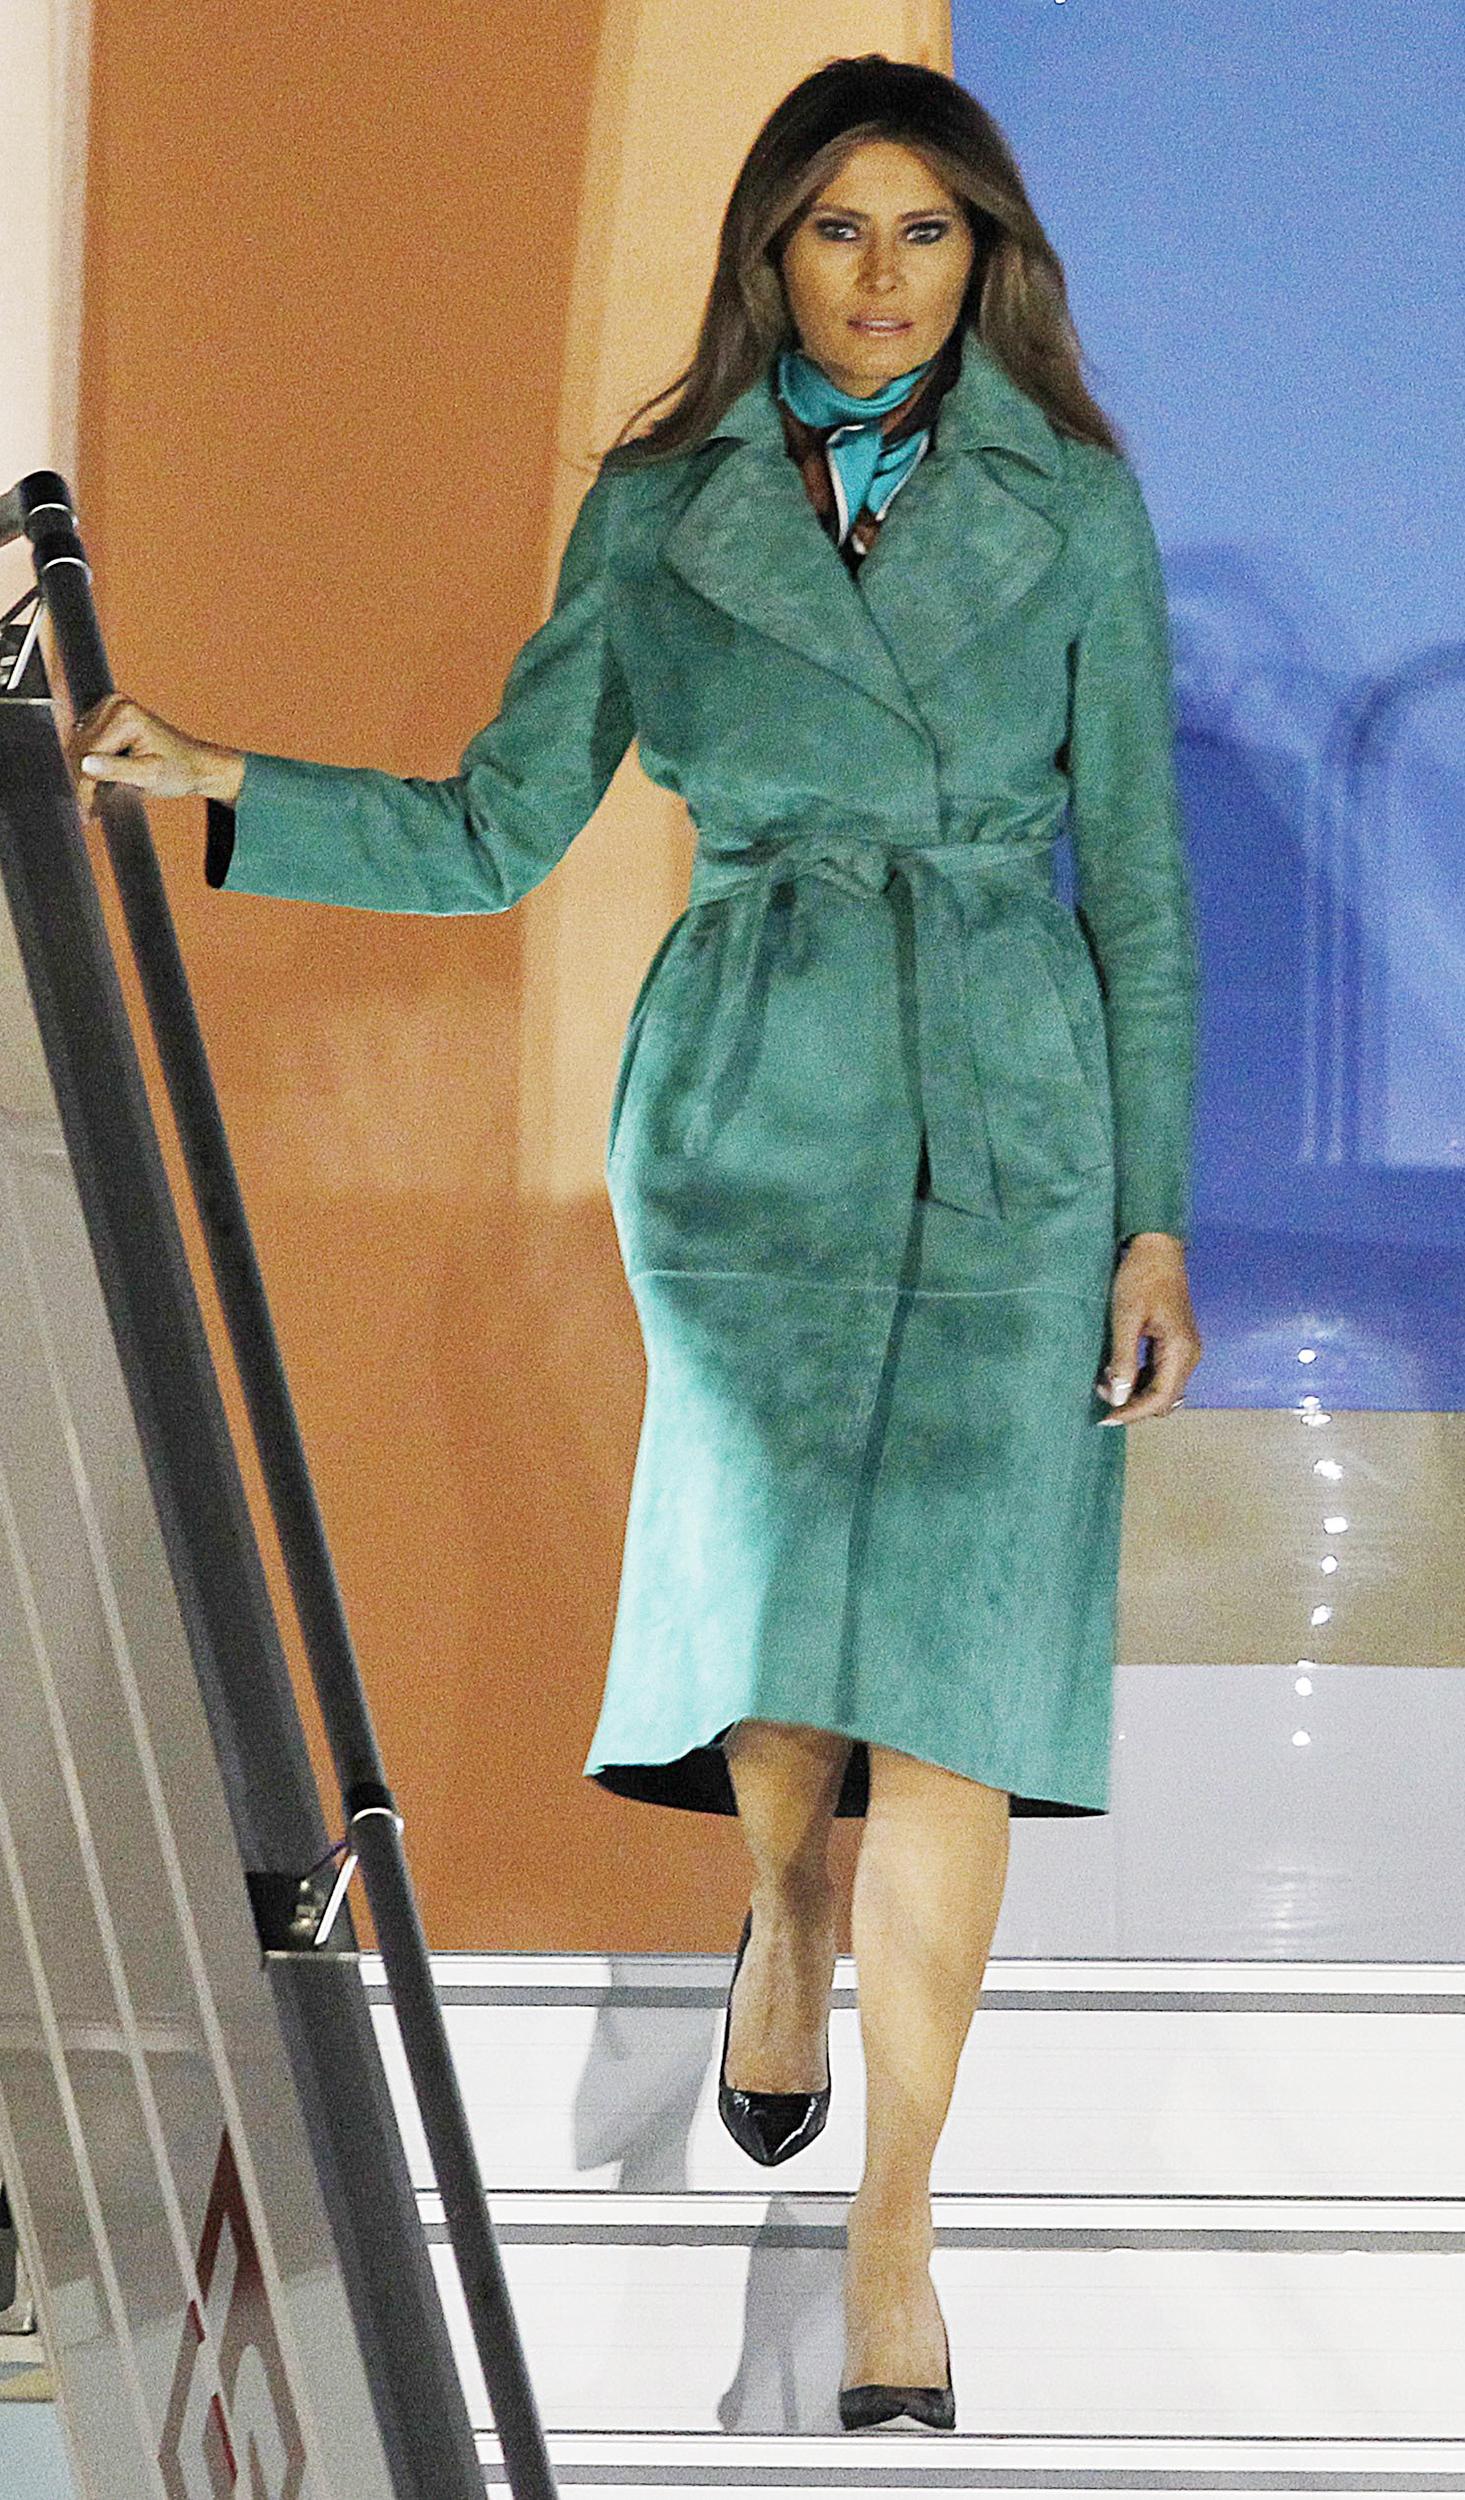 Melania Trumps First Lady Style Jfashion Korean Double Layer Blouse Ivanka